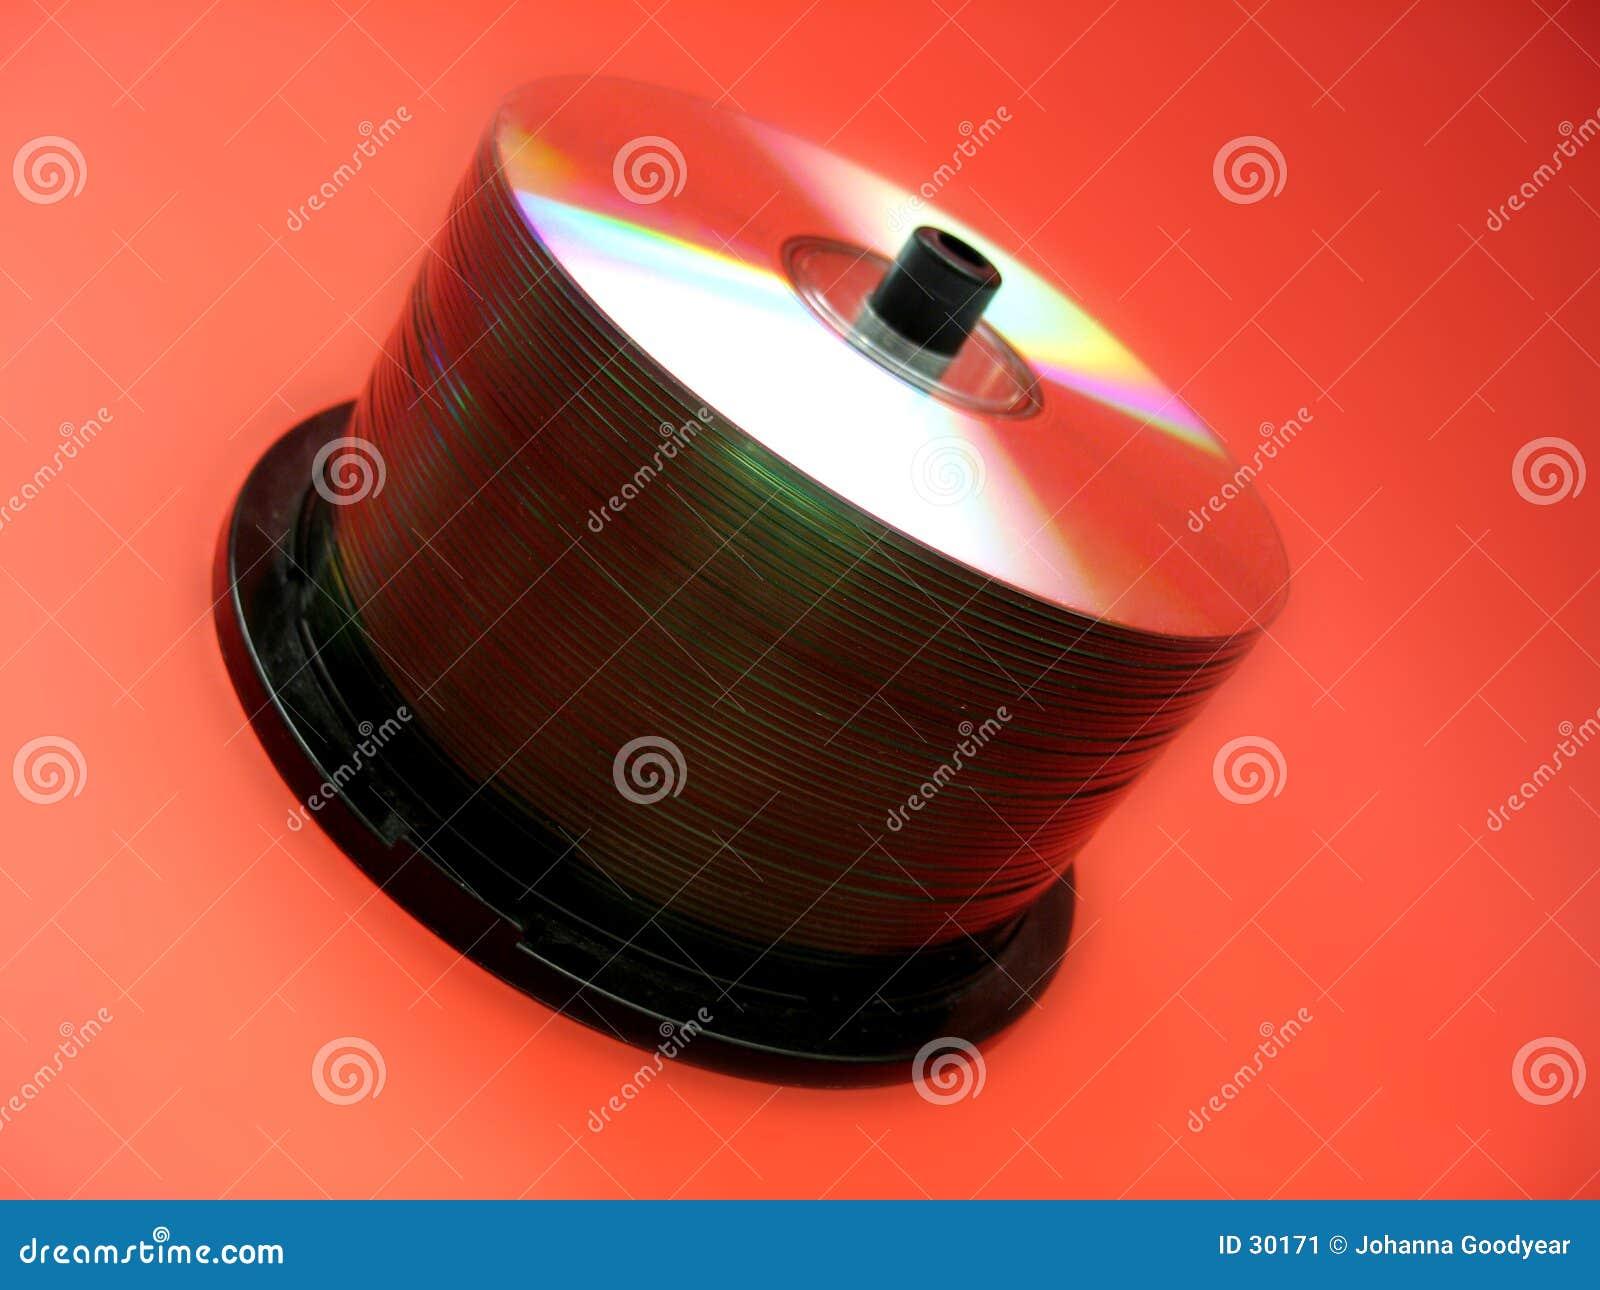 Axe CD 2